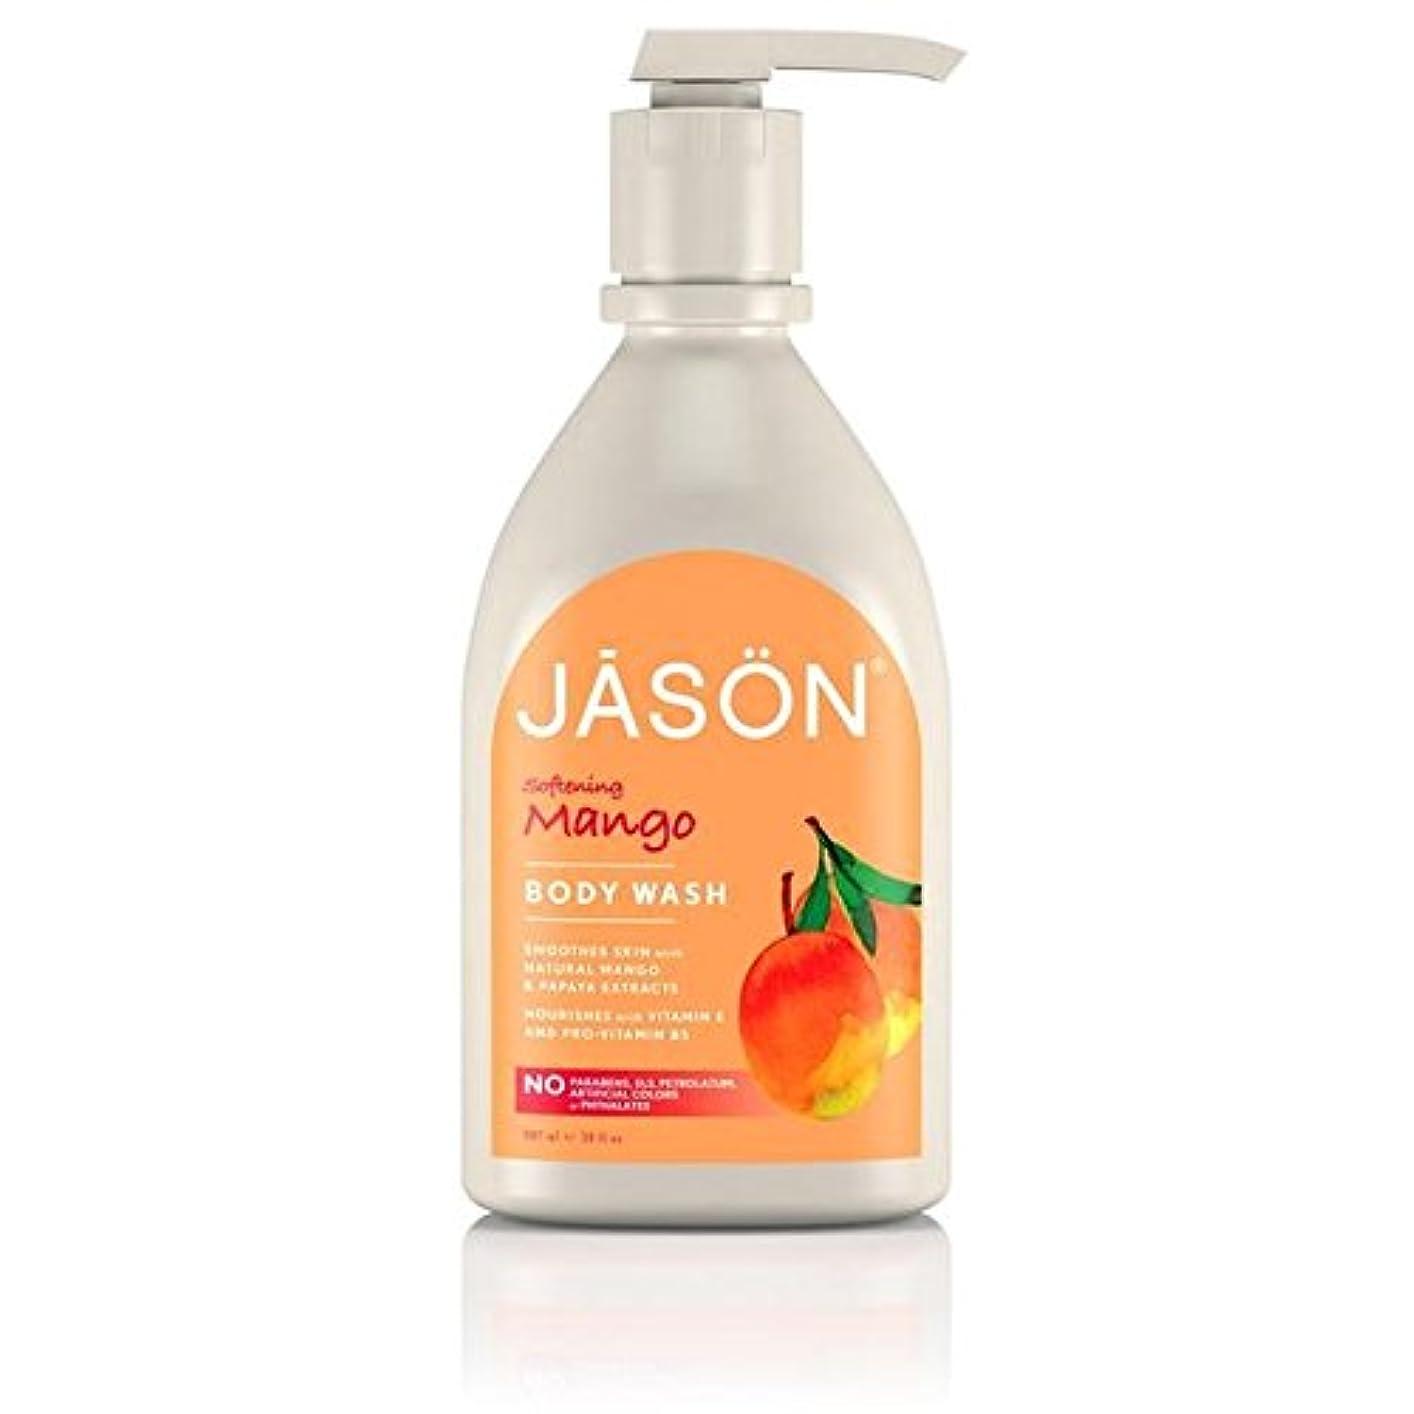 ドラッグ植木マウスジェイソン?マンゴーサテンボディウォッシュポンプ900ミリリットル x2 - Jason Mango Satin Body Wash Pump 900ml (Pack of 2) [並行輸入品]